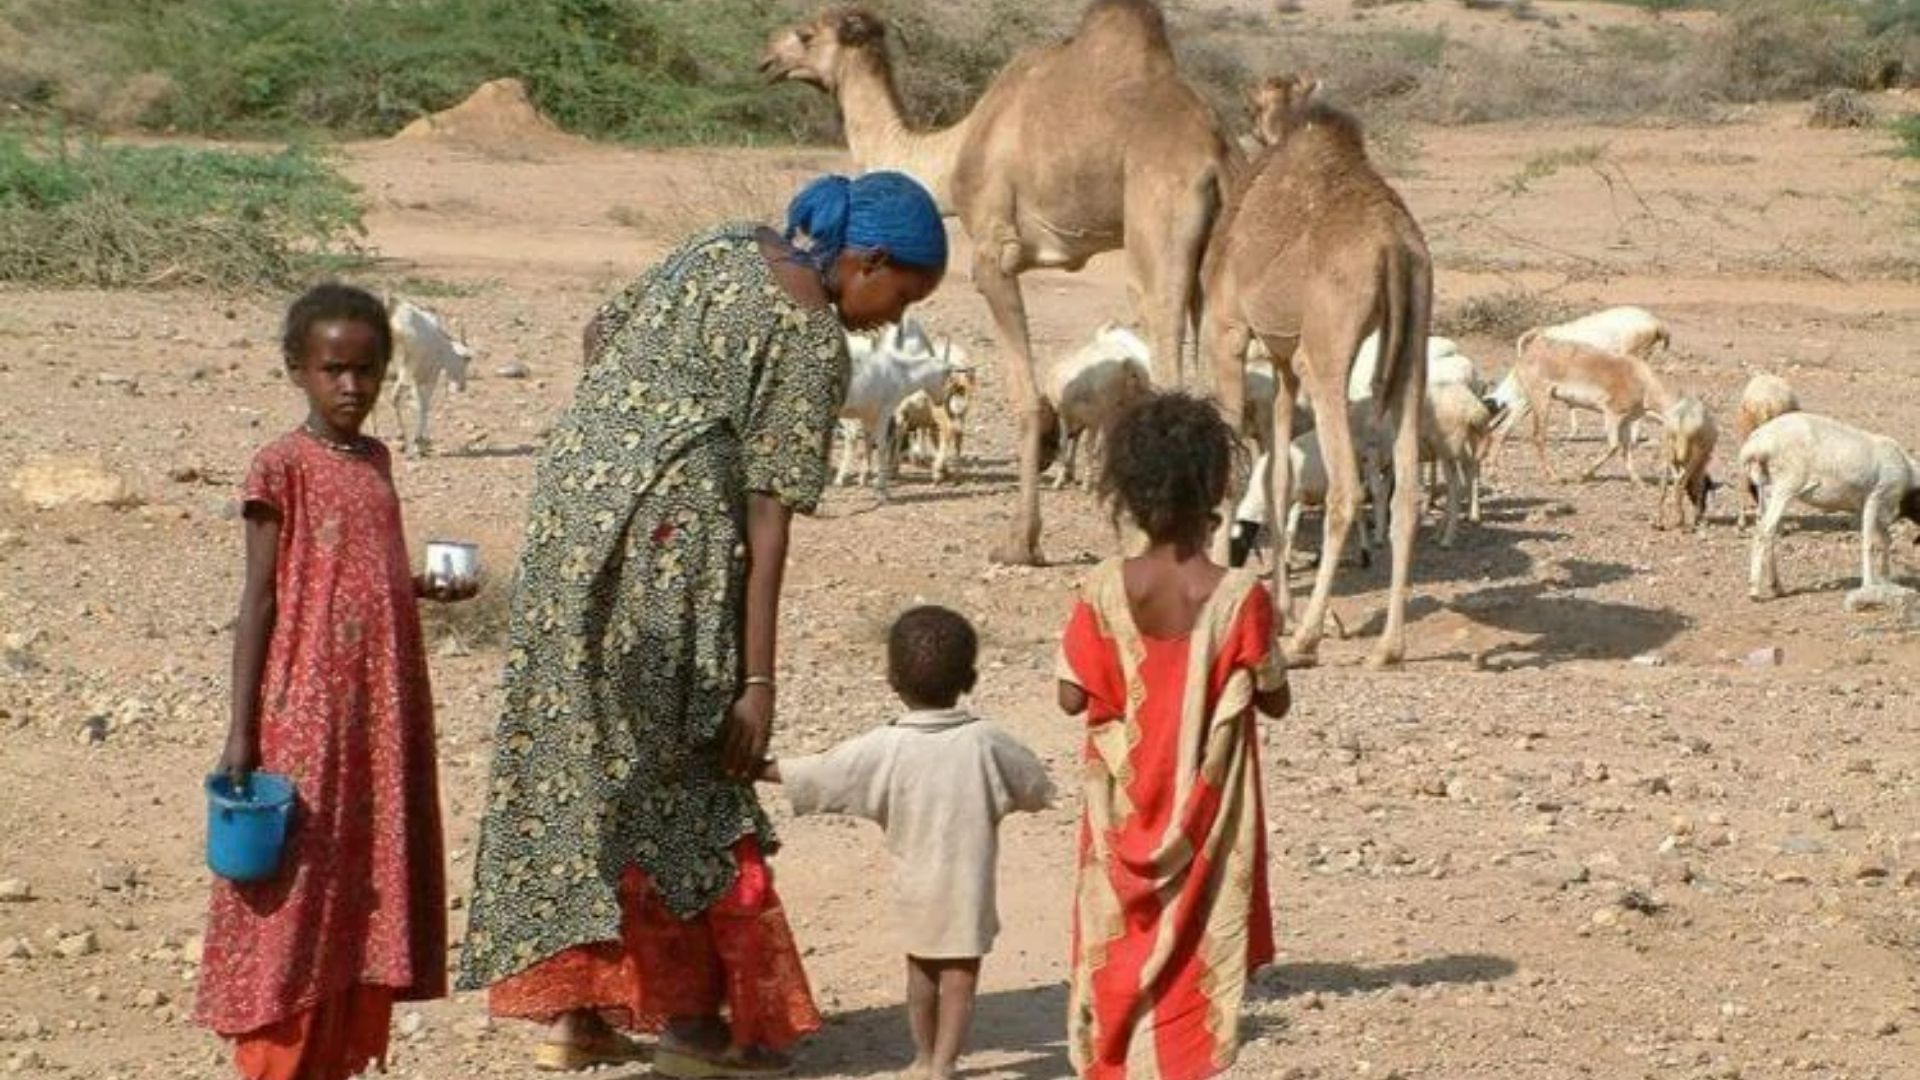 Países que perseguem a Igreja: cristãos são executados na Somália, assim que descobertos